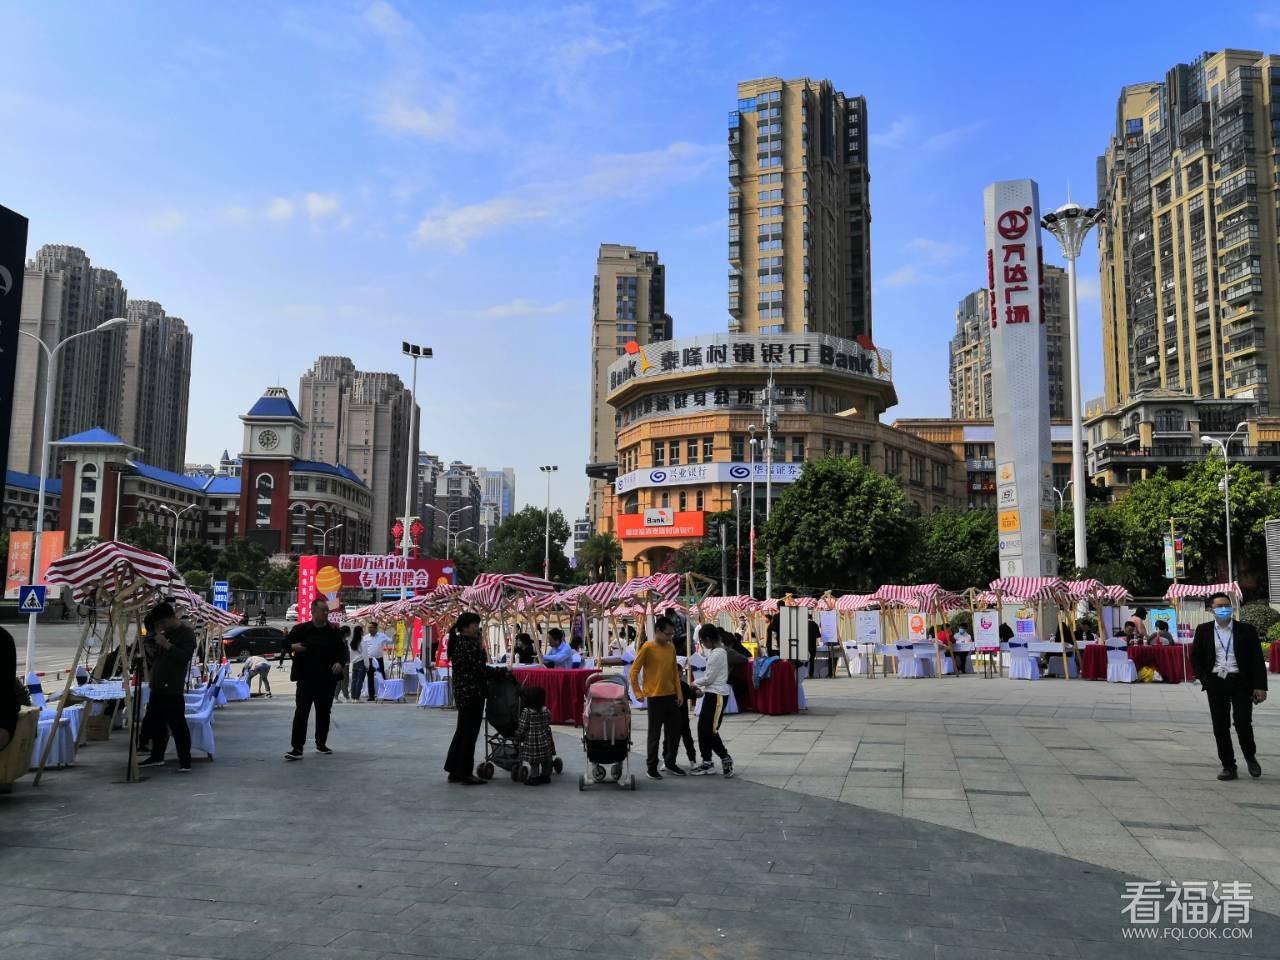 福和万达广场,今天举办的一场招聘展,为下个月开业的